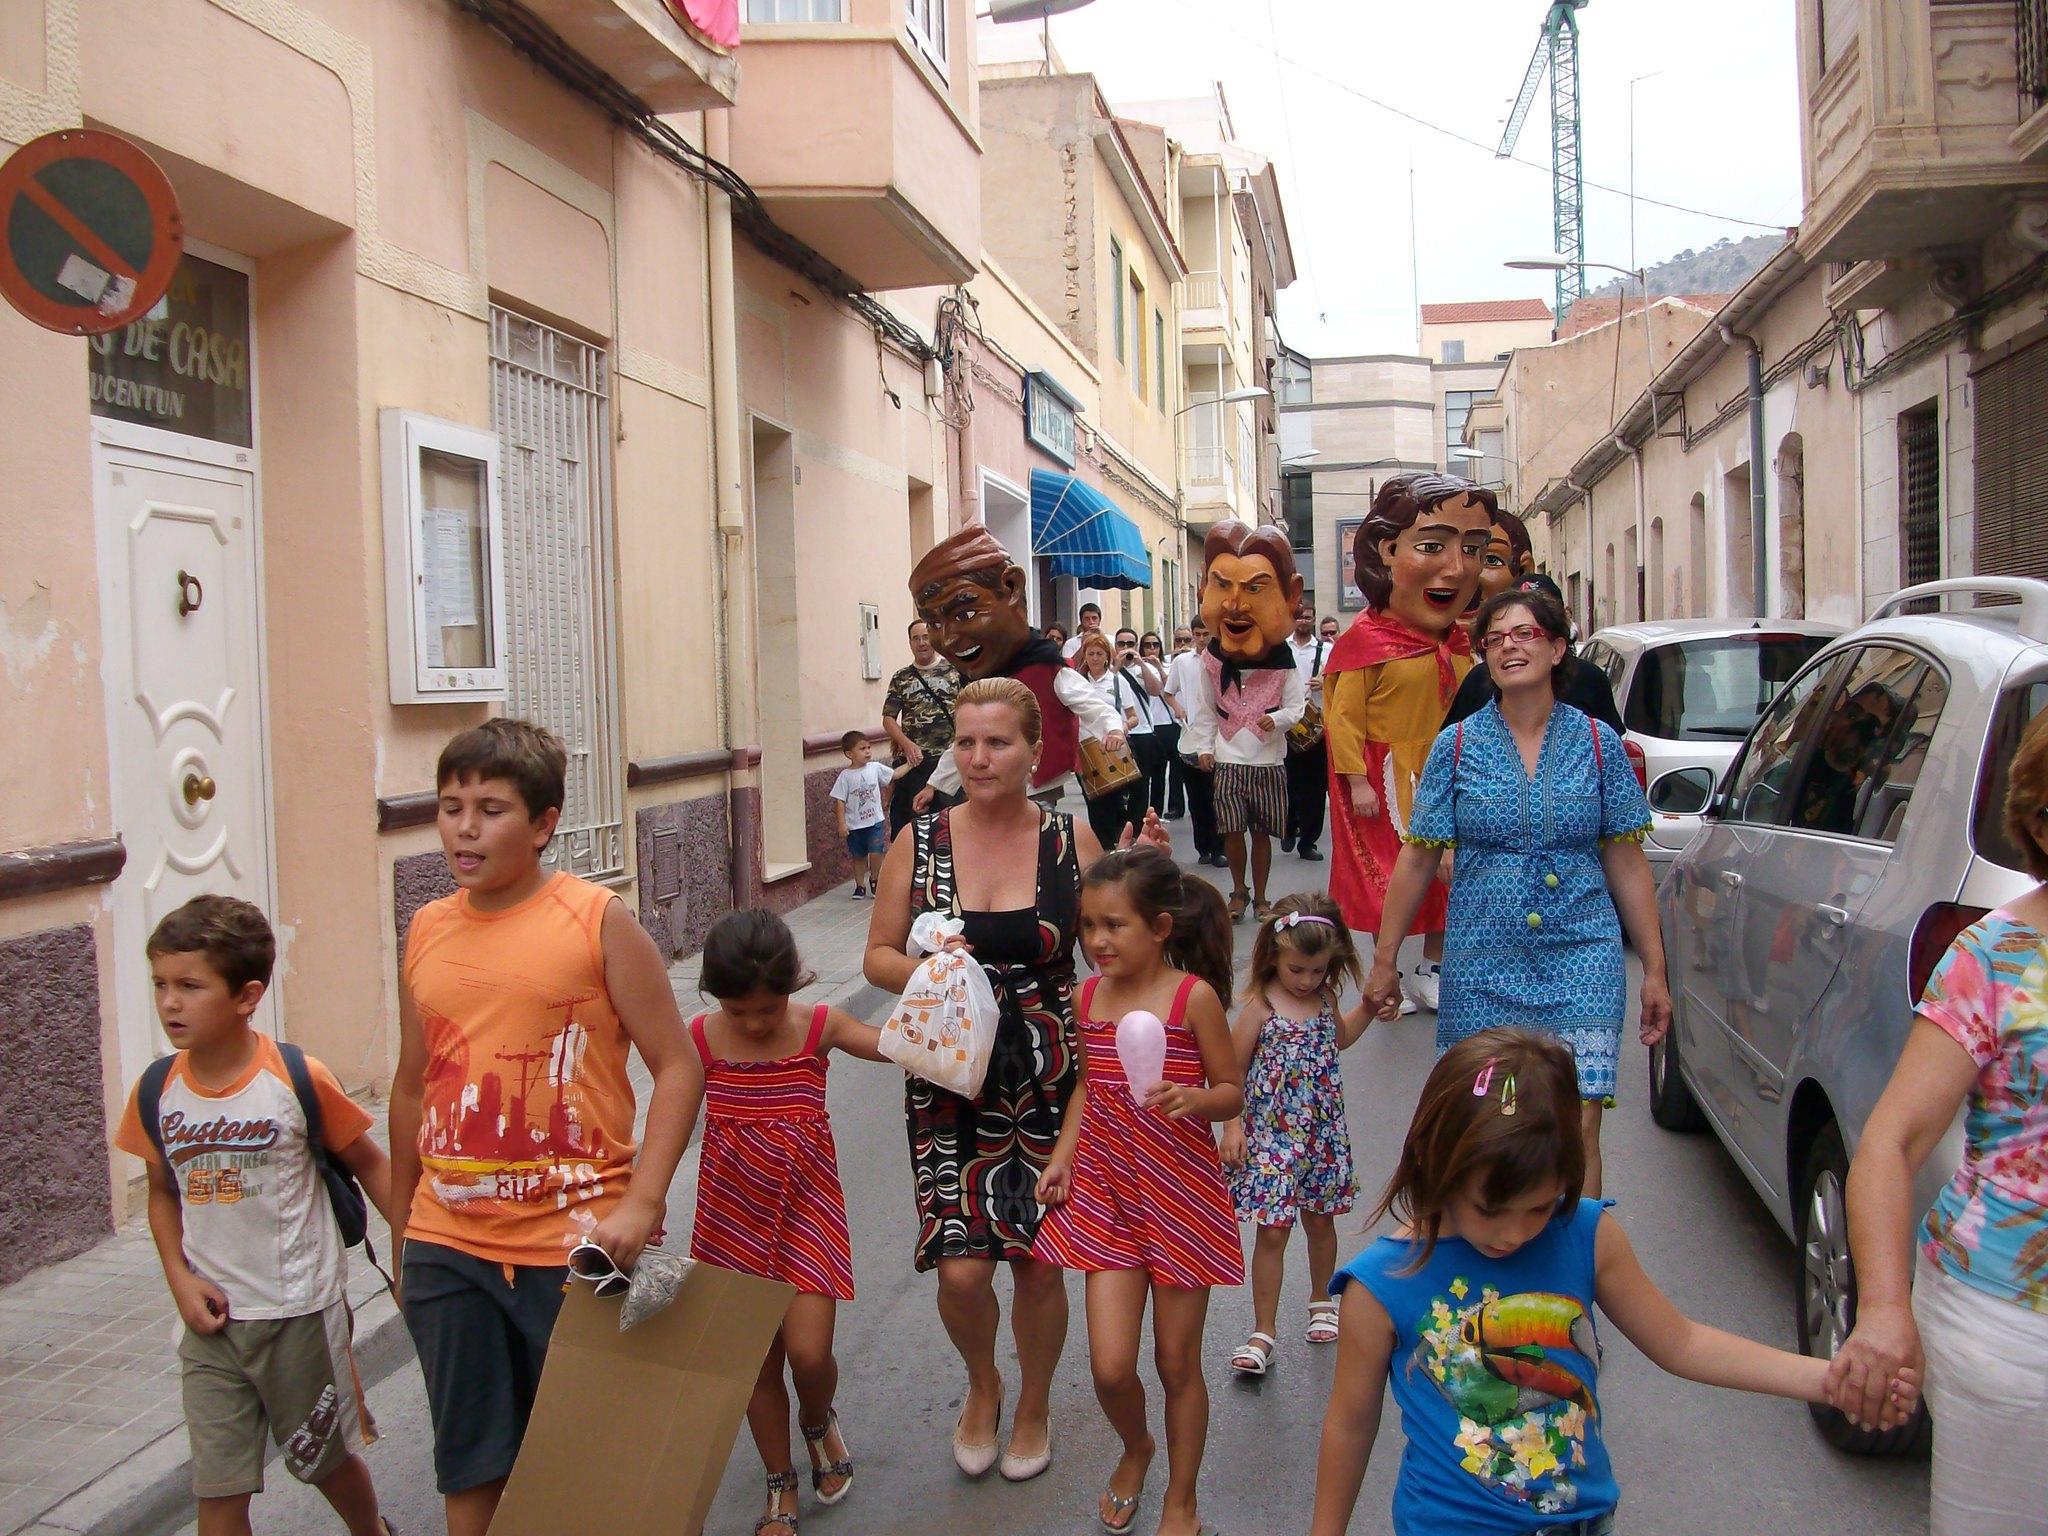 (2011-07-03) - Pasacalle Gent de Nanos -  José Vicente Romero Ripoll (17)